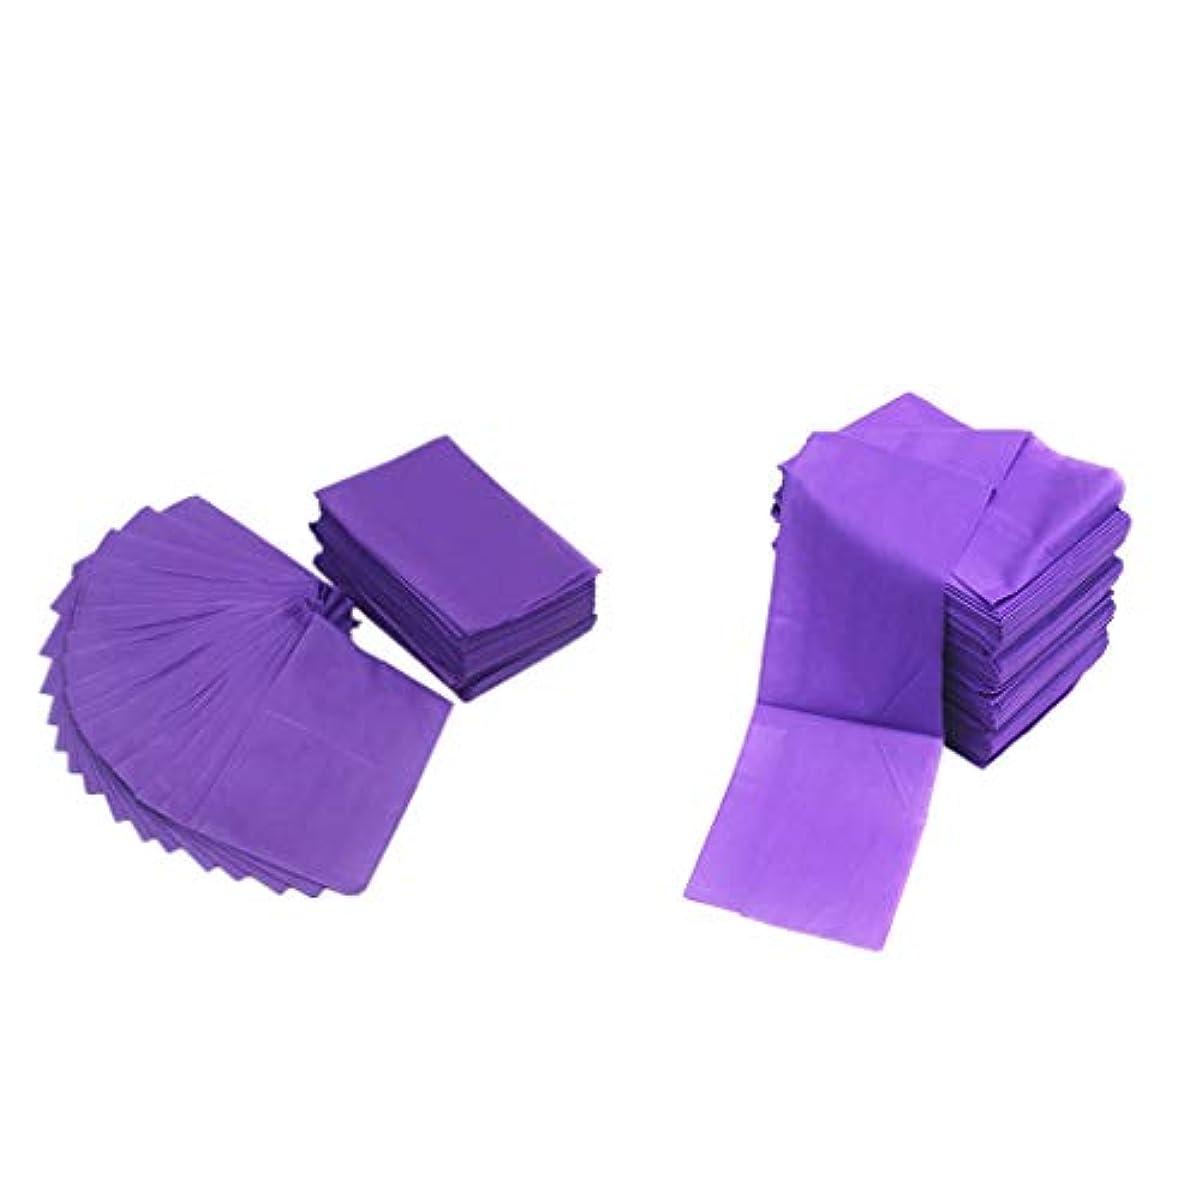 要塞定期的にスキニーsharprepublic 20ピース不織布使い捨てマッサージテーブルシーツベッドカバー防水パープル